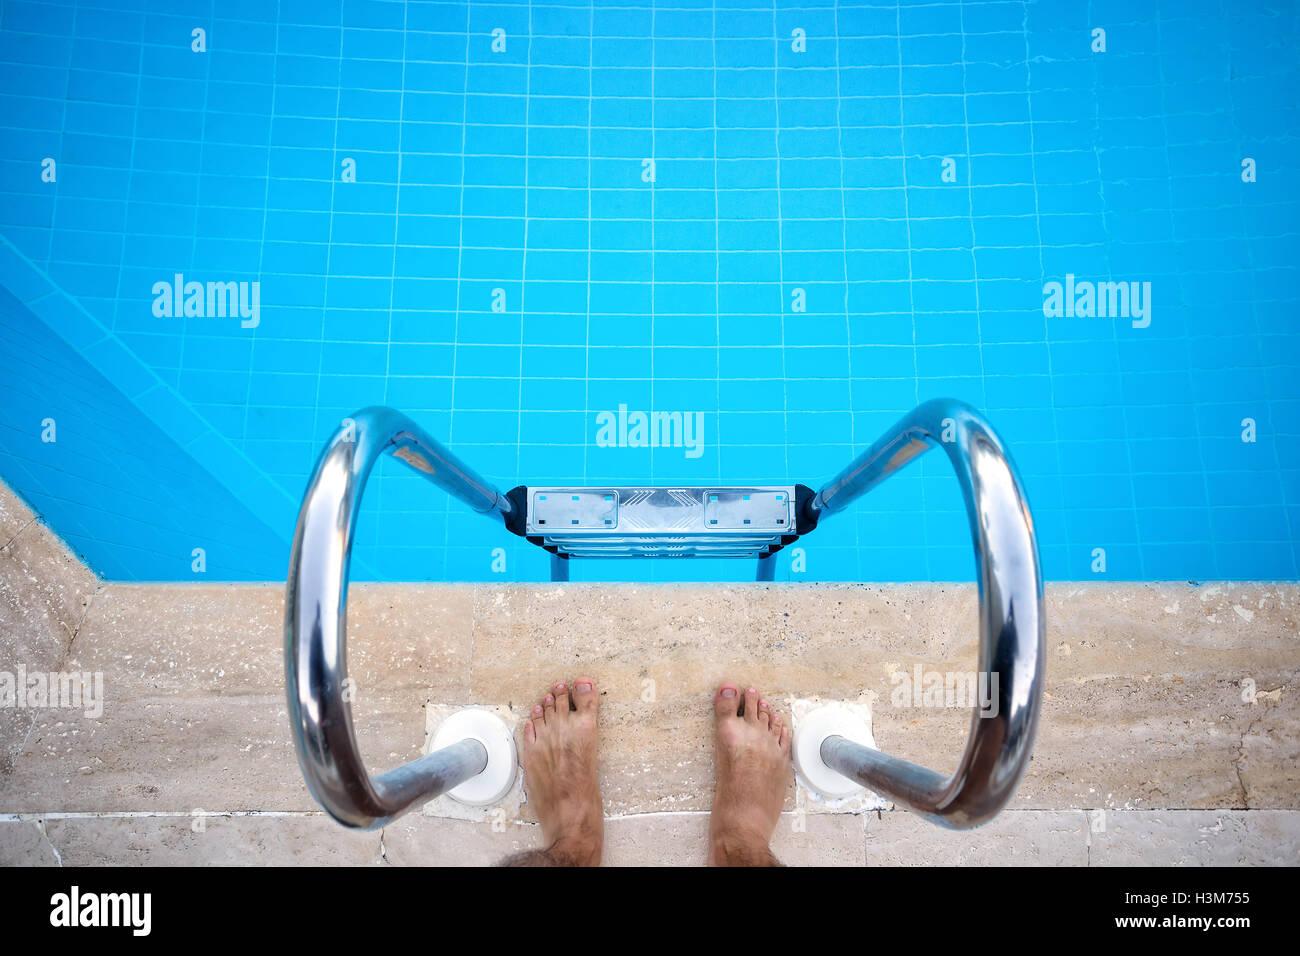 Piedi vicino alle scale per la piscina il colpo da sopra Immagini Stock